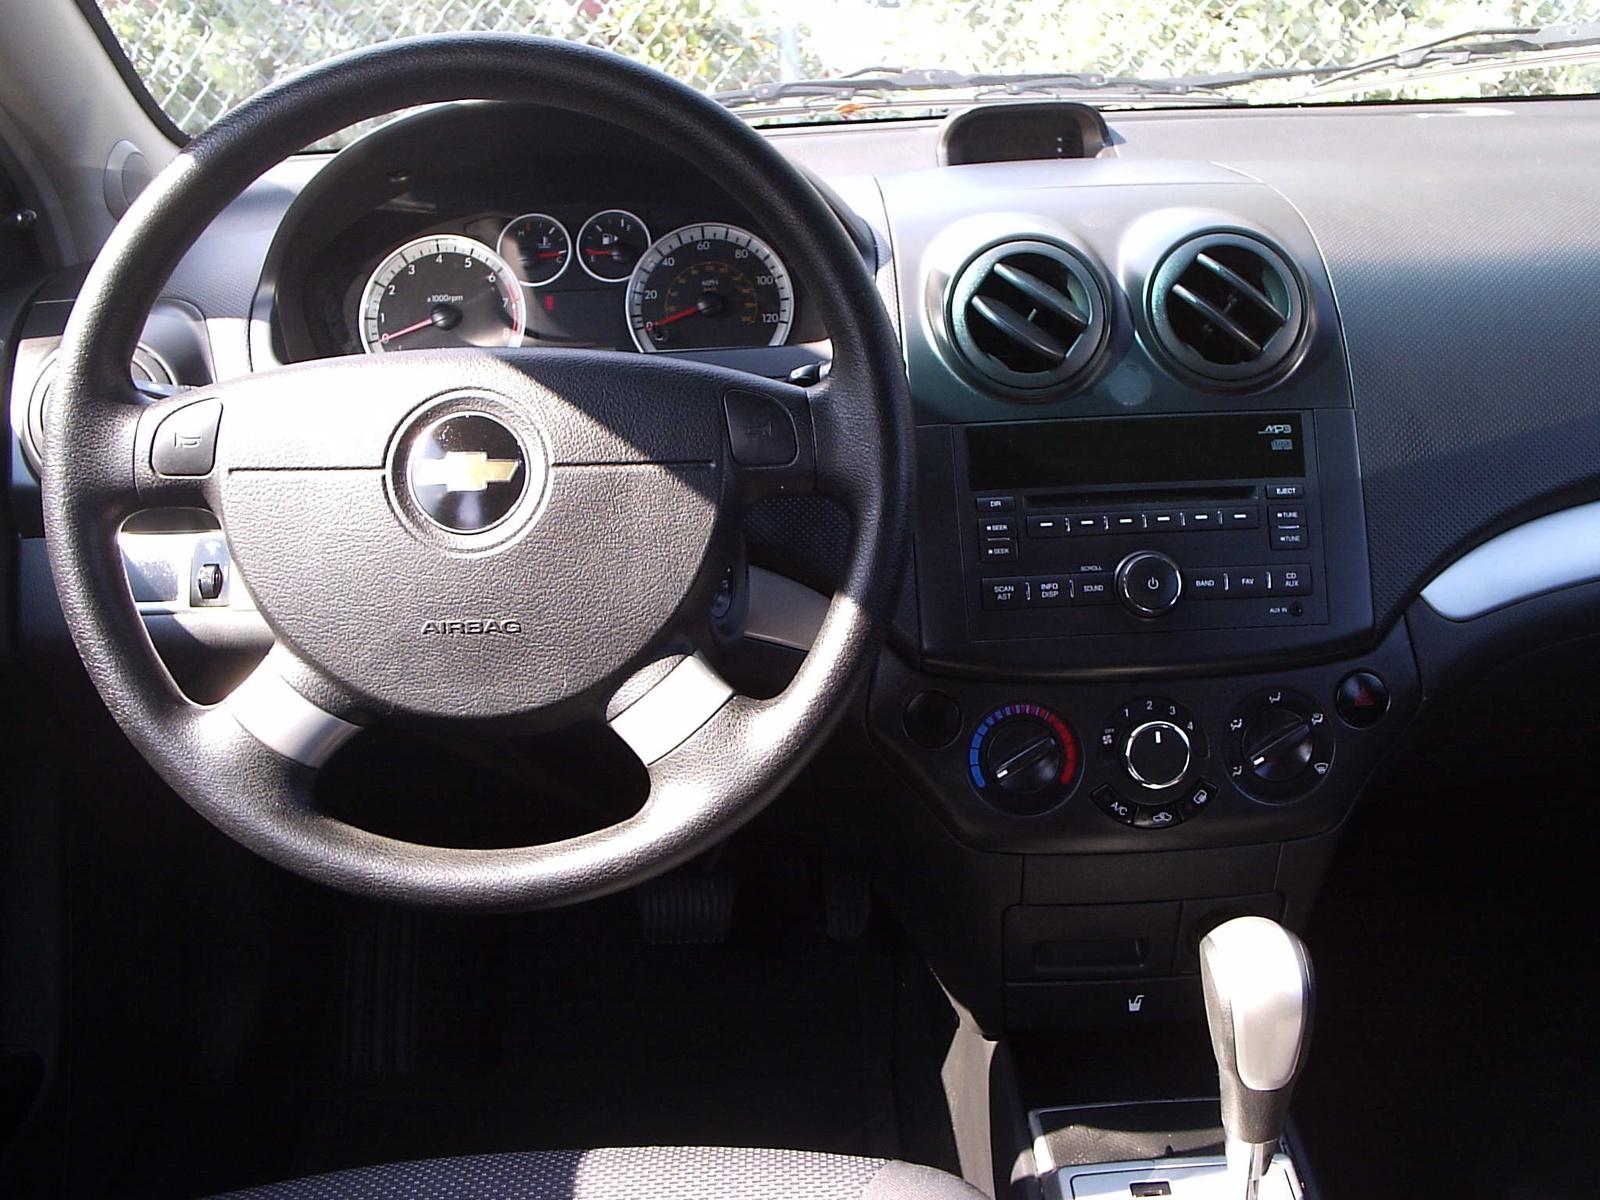 2010 Chevy Aveo Interior